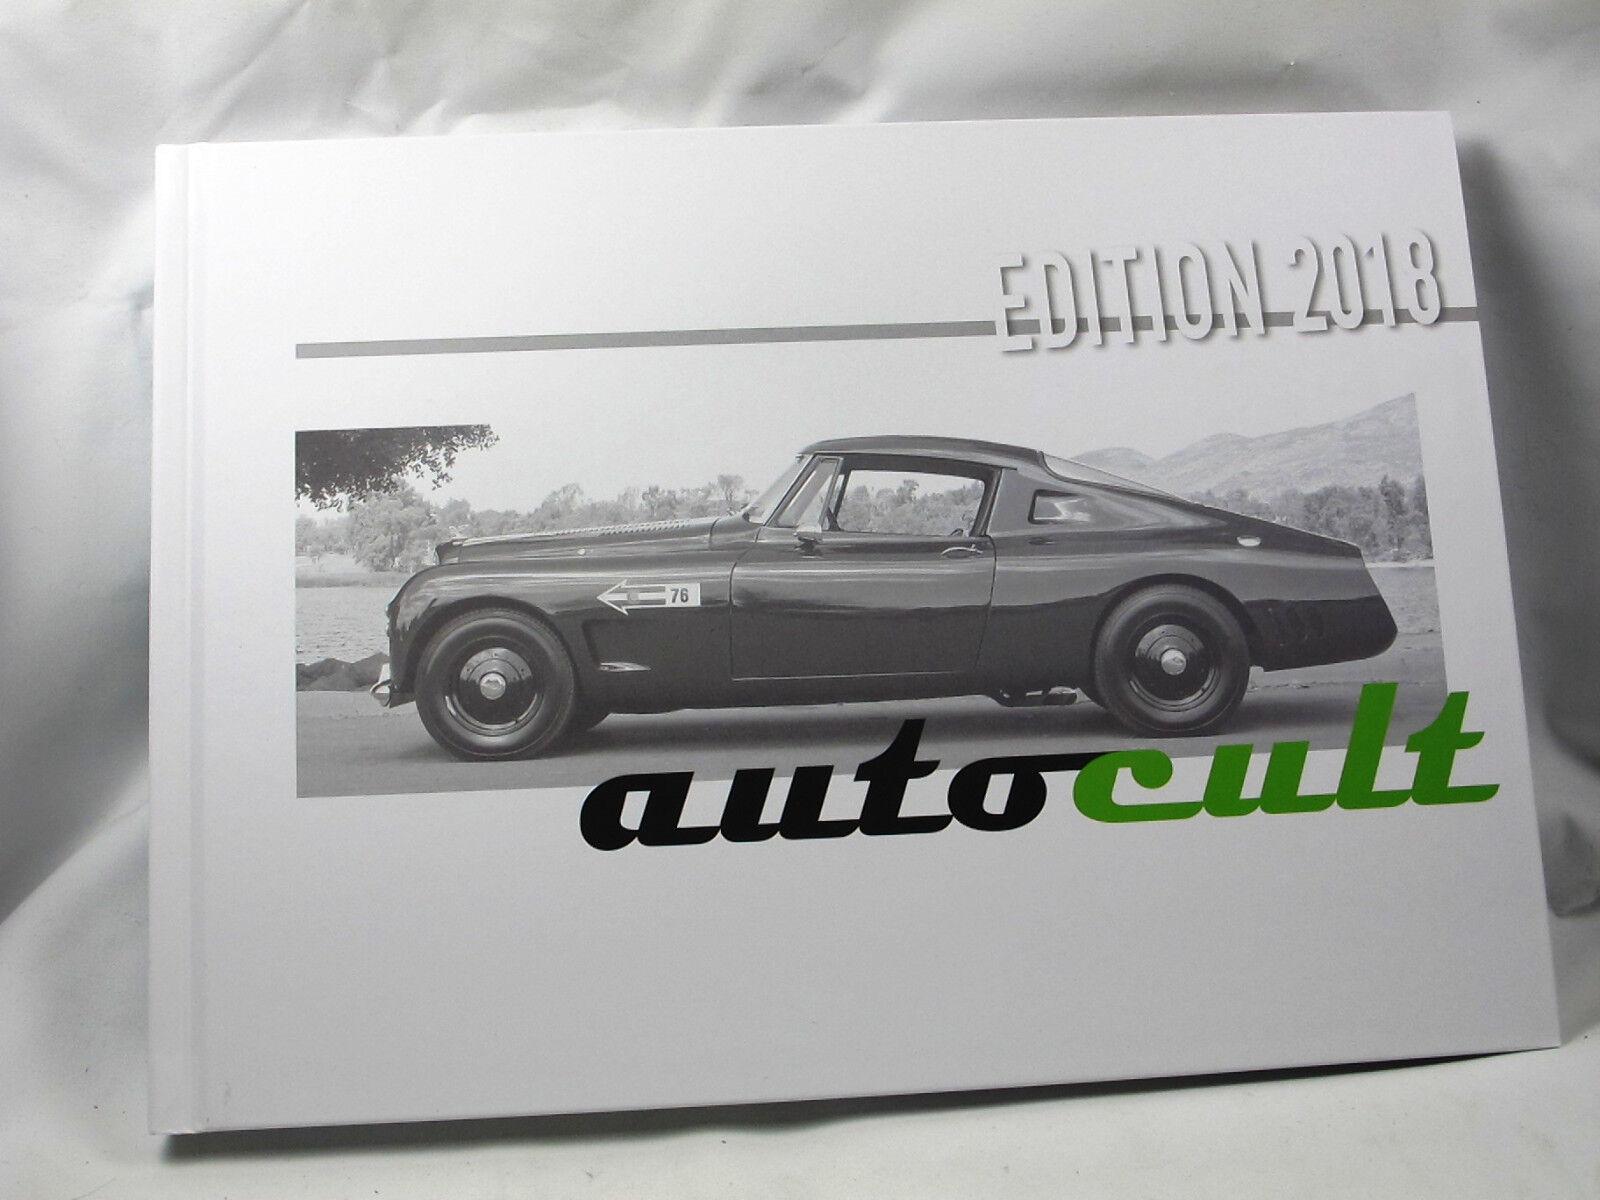 Autocult Sauber-Mercedes W140 1 43 mit Jahrbuch Jahrbuch Jahrbuch Edition 2018 Deutsch   English f93fb3